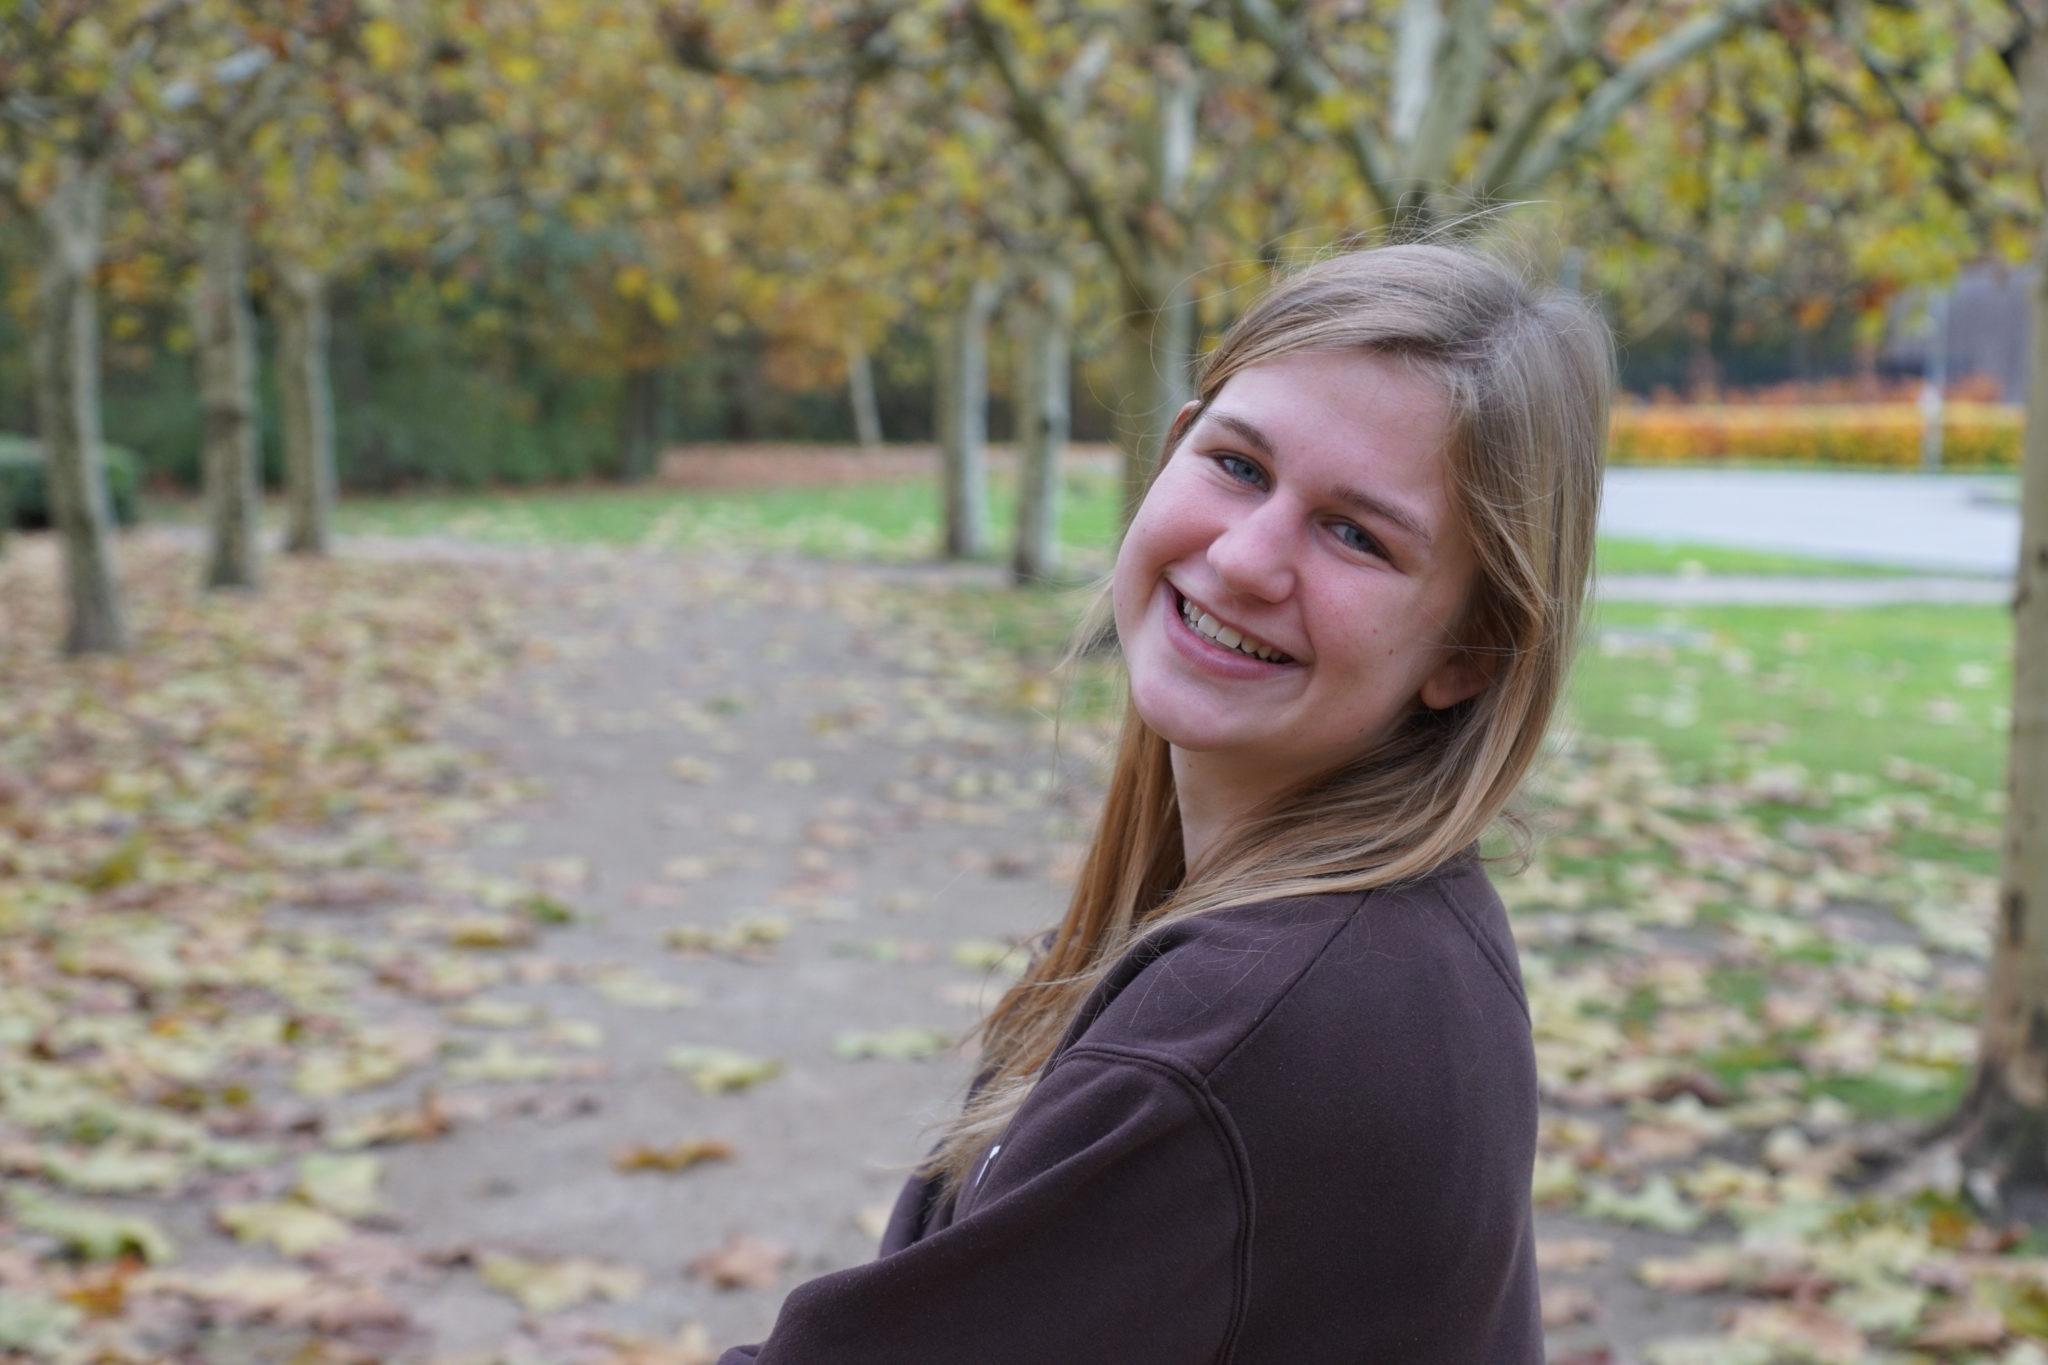 Annabel Vanhoven